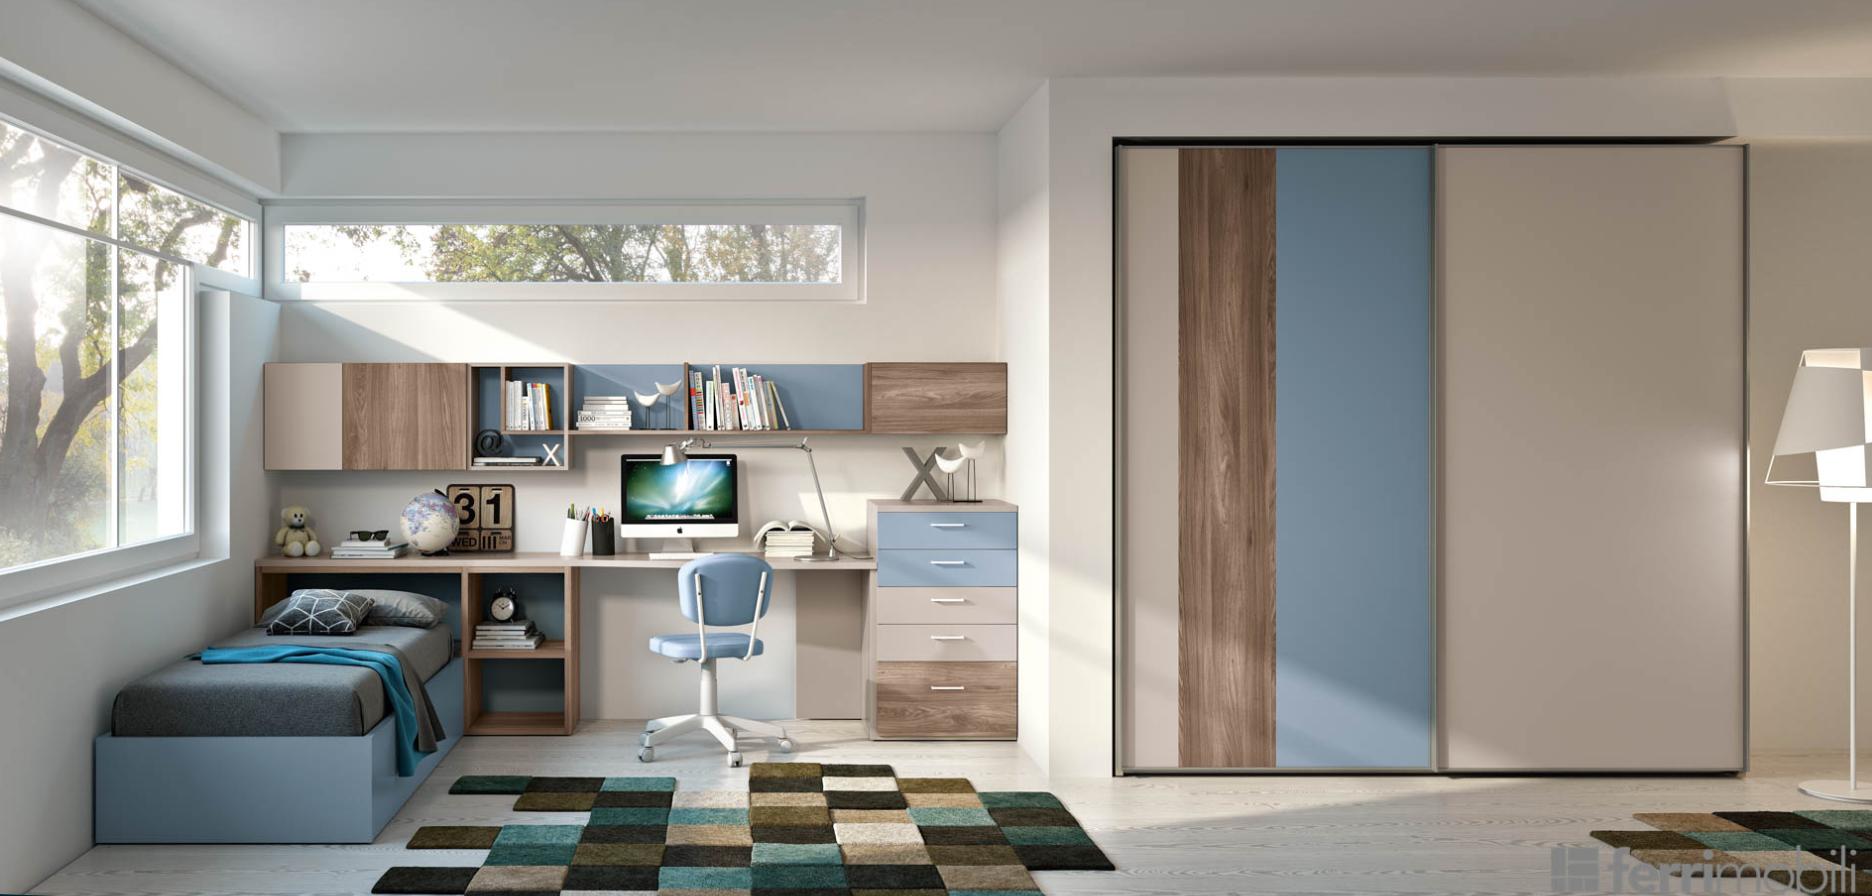 Cameretta ferri mobili composizione 804 arredamento design - Ferri mobili recensioni ...